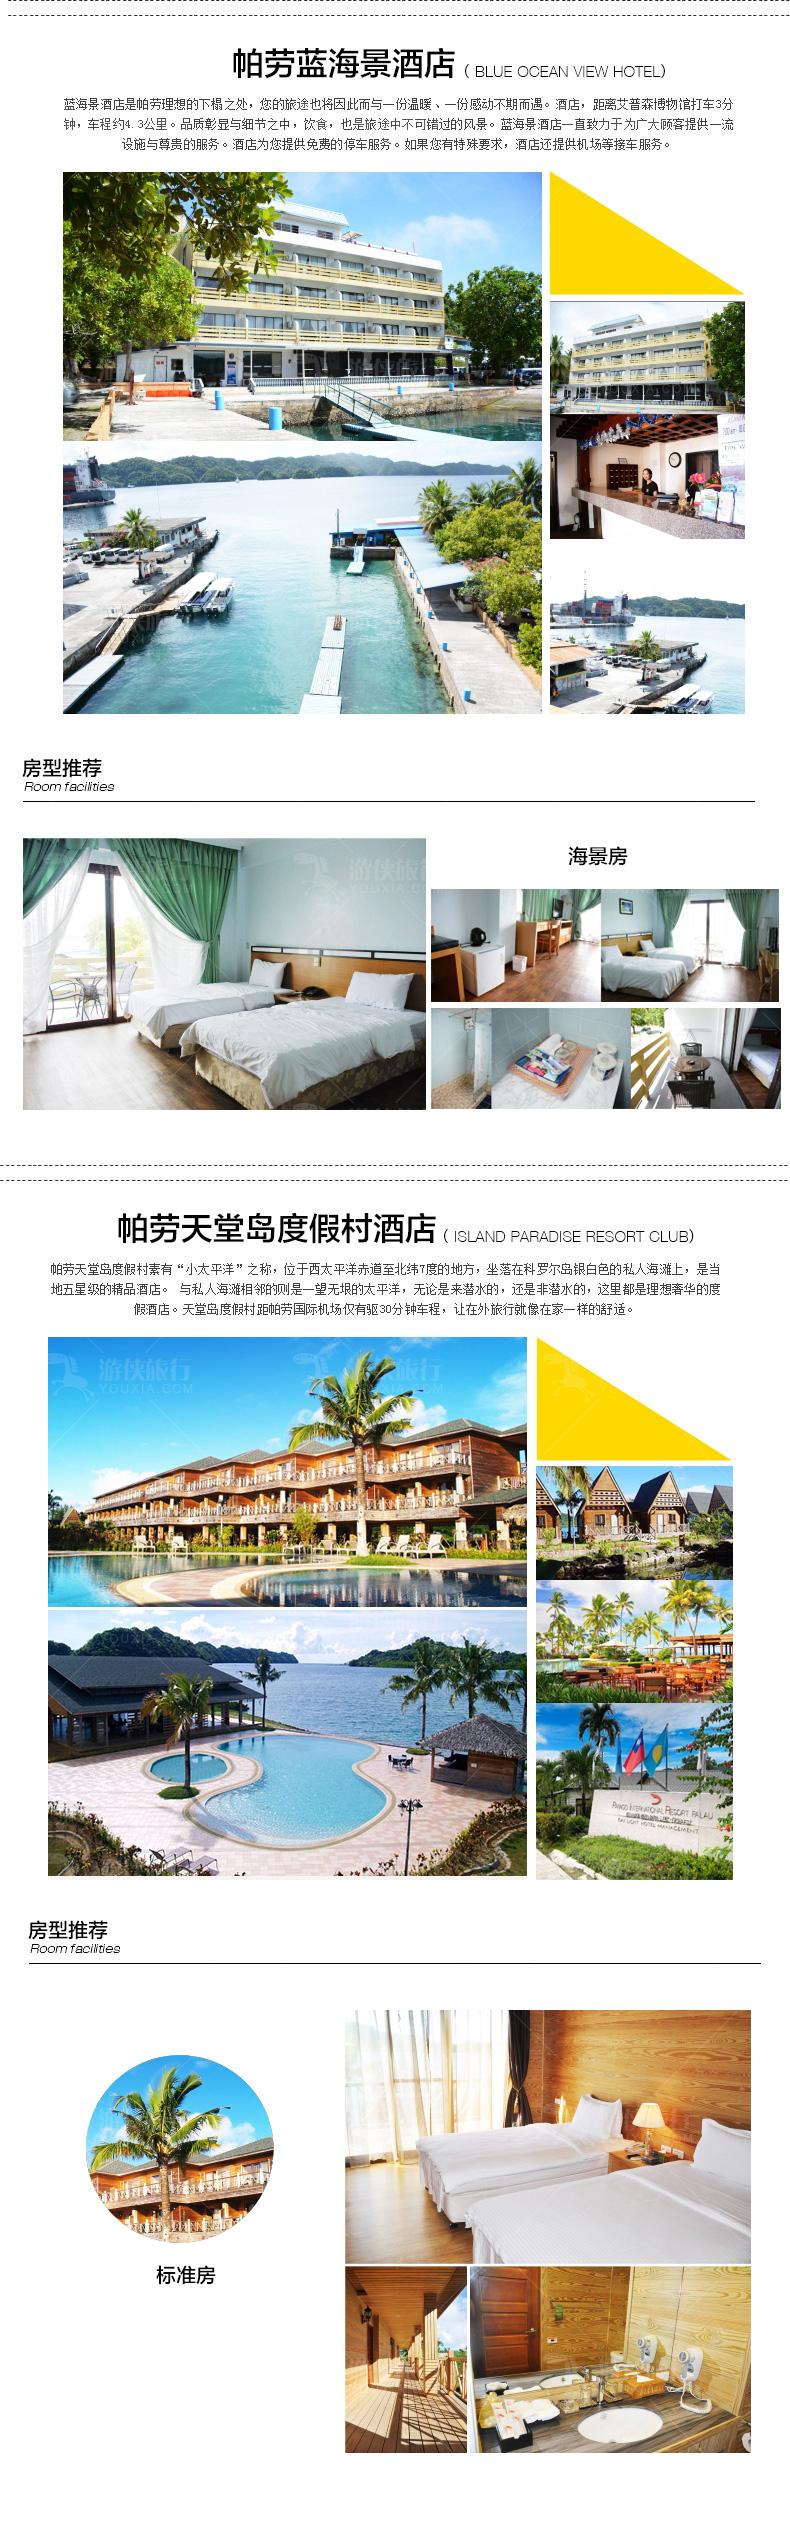 帕劳优质酒店